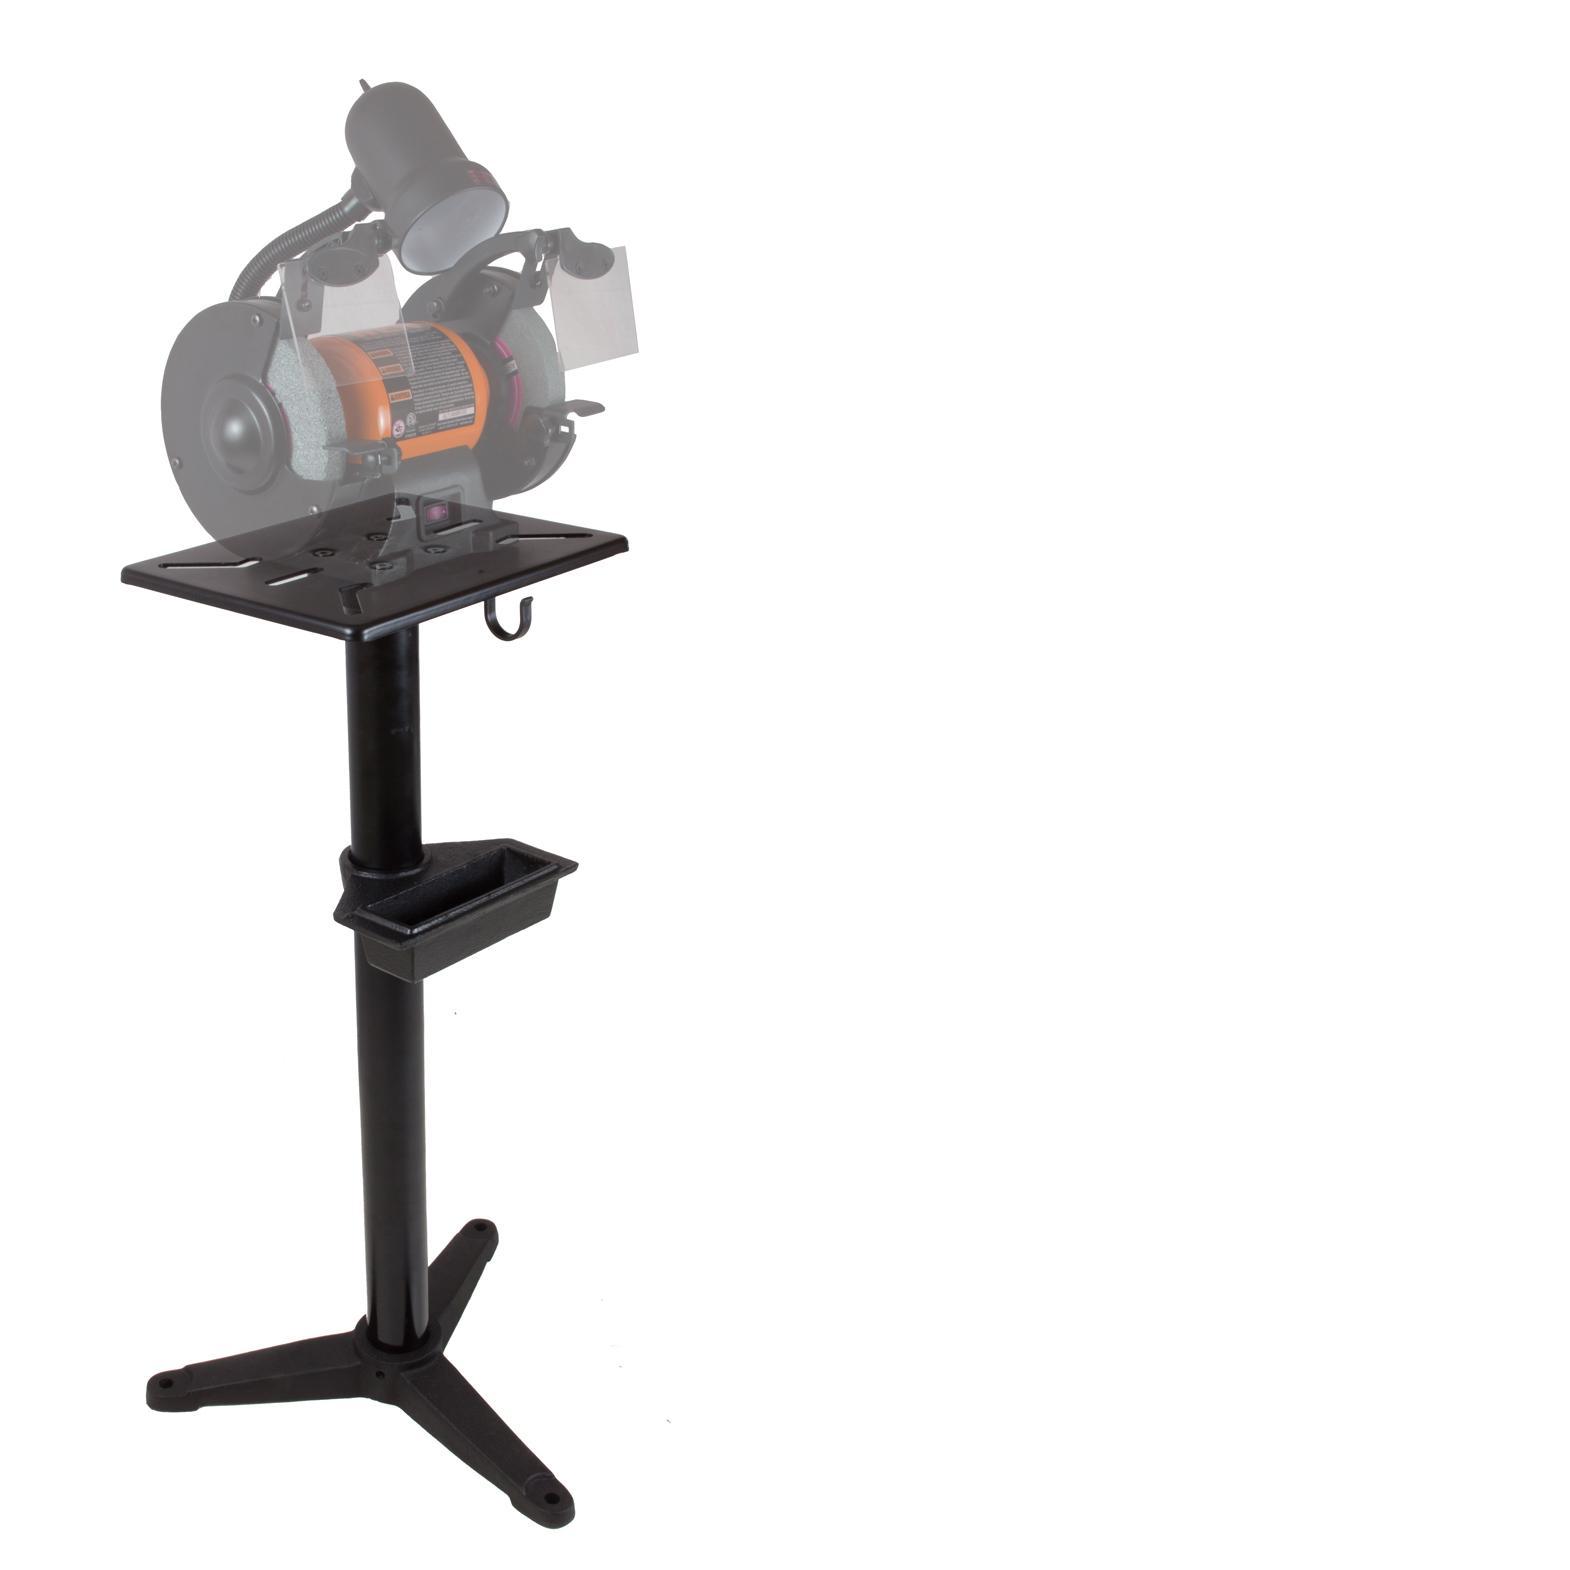 Wen 4276 6 inch bench grinder ebay for Table grinder